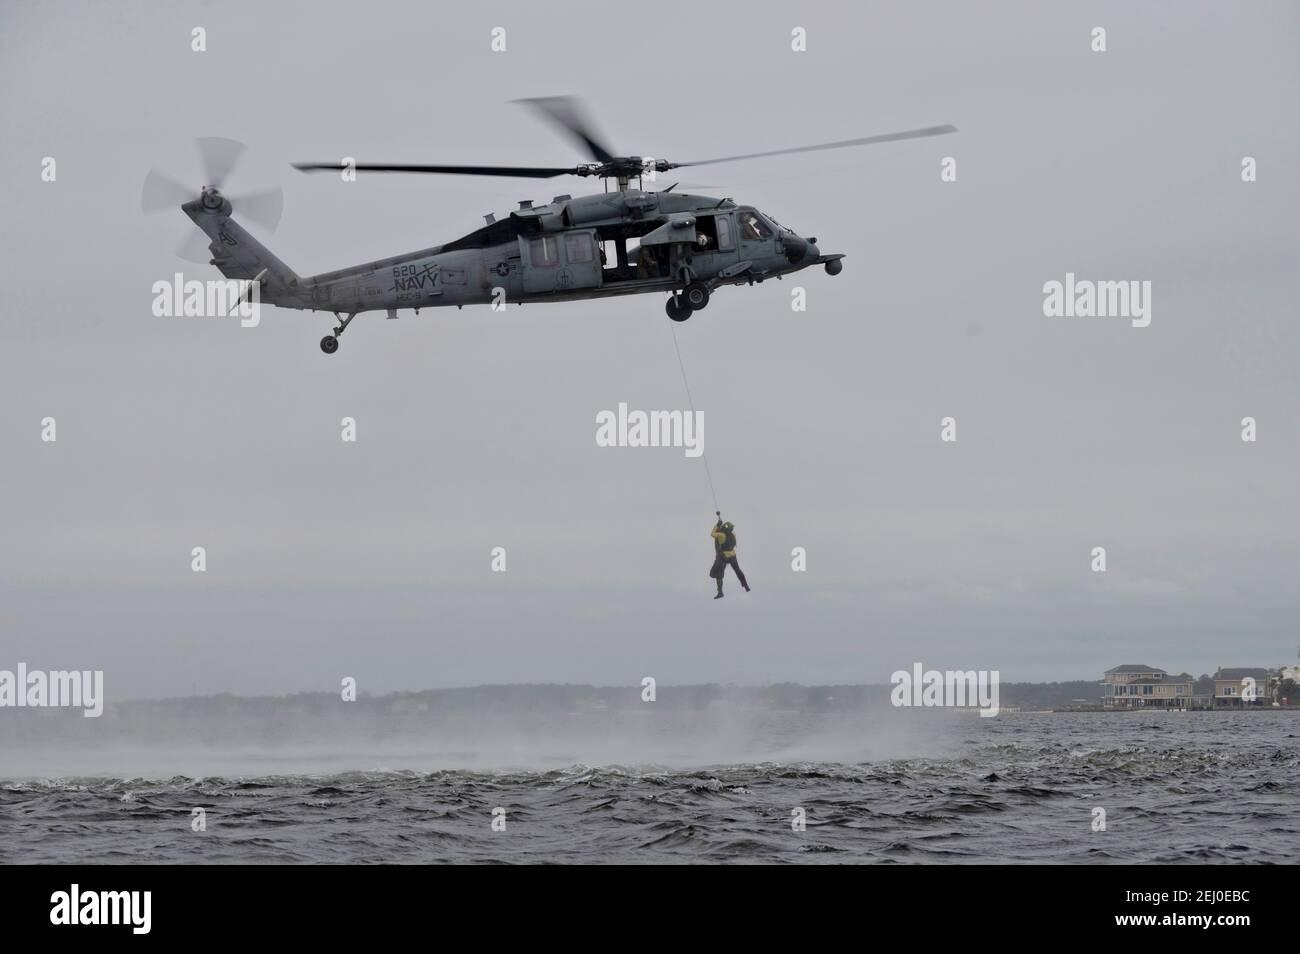 Les équipes de tactiques spéciales de la US Air Force affectées à la 24e Escadre des opérations spéciales effectuent des opérations de levage avec un hélicoptère Seahawk MH-60 de la Marine pendant le Emerald Warrior à Hurlburt Field le 18 février 2021 à Mary Esther, en Floride. Banque D'Images